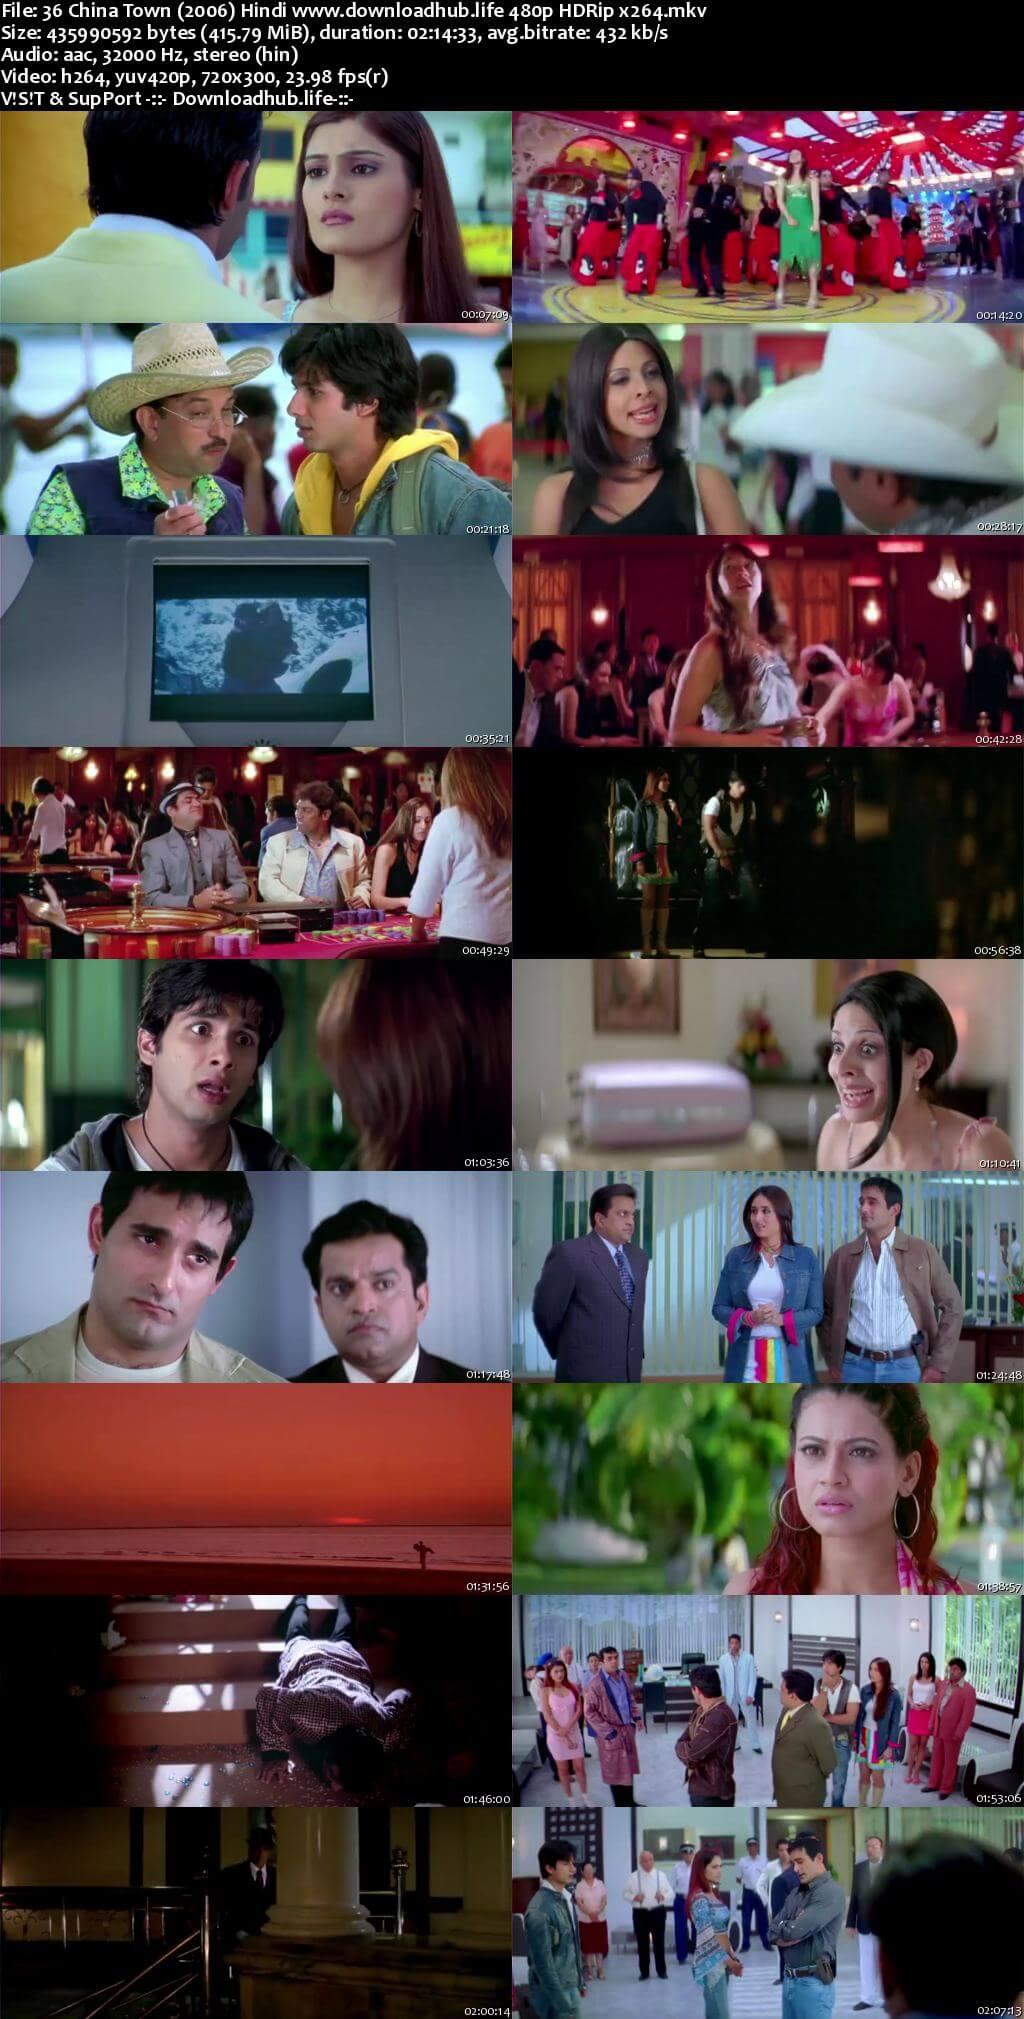 36 China Town 2006 Hindi 400MB HDRip 480p